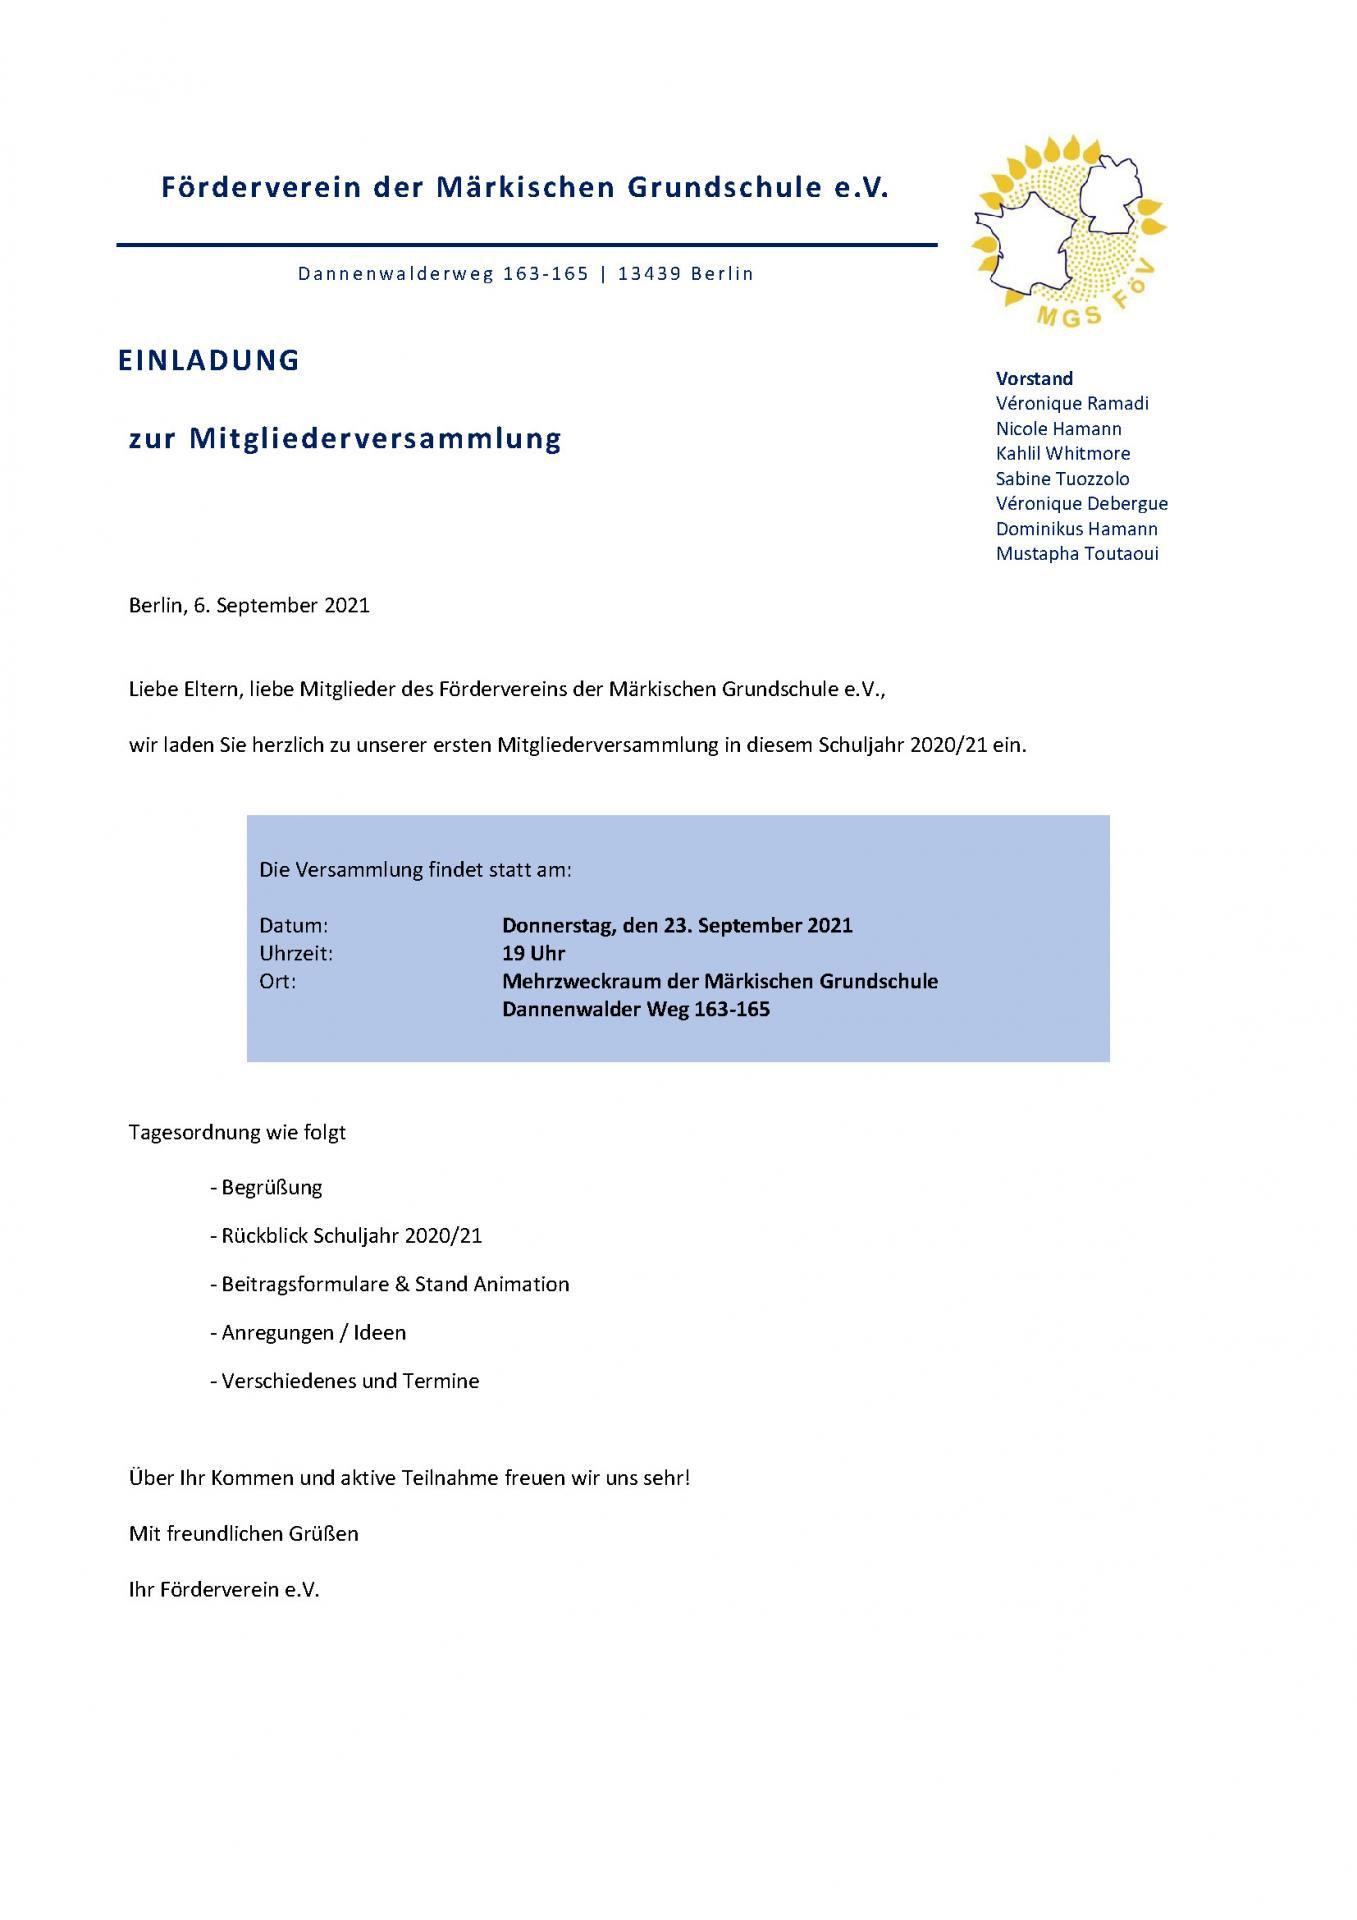 FöV Einladung zur Mitgliederversammlung 23.09.2021_Page_1